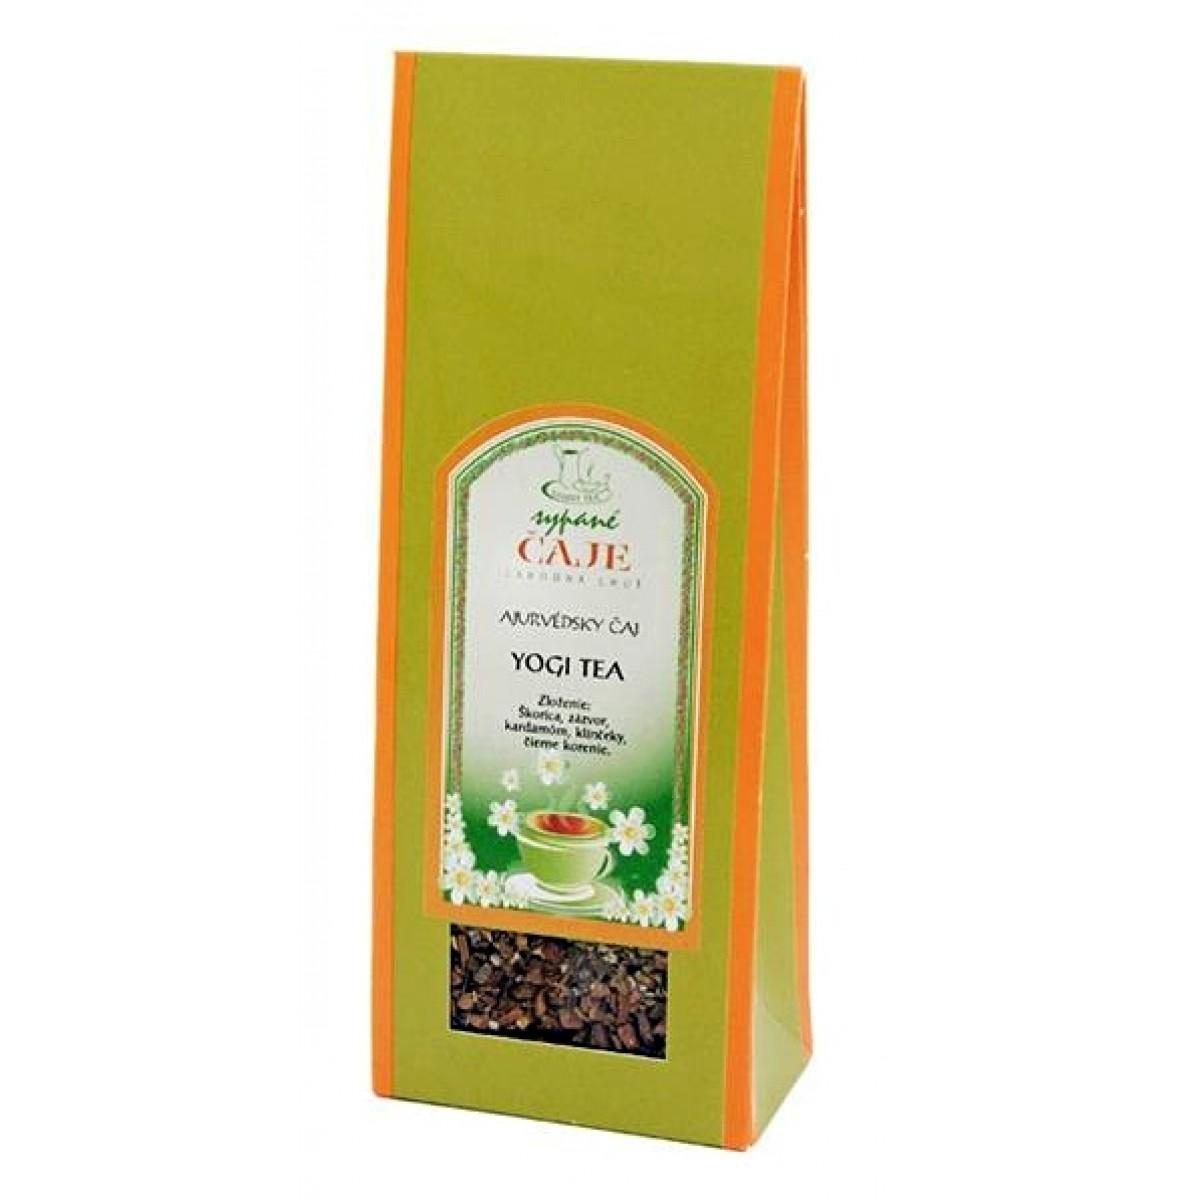 Yogi Tea - Ájurvédsky čaj - 50g